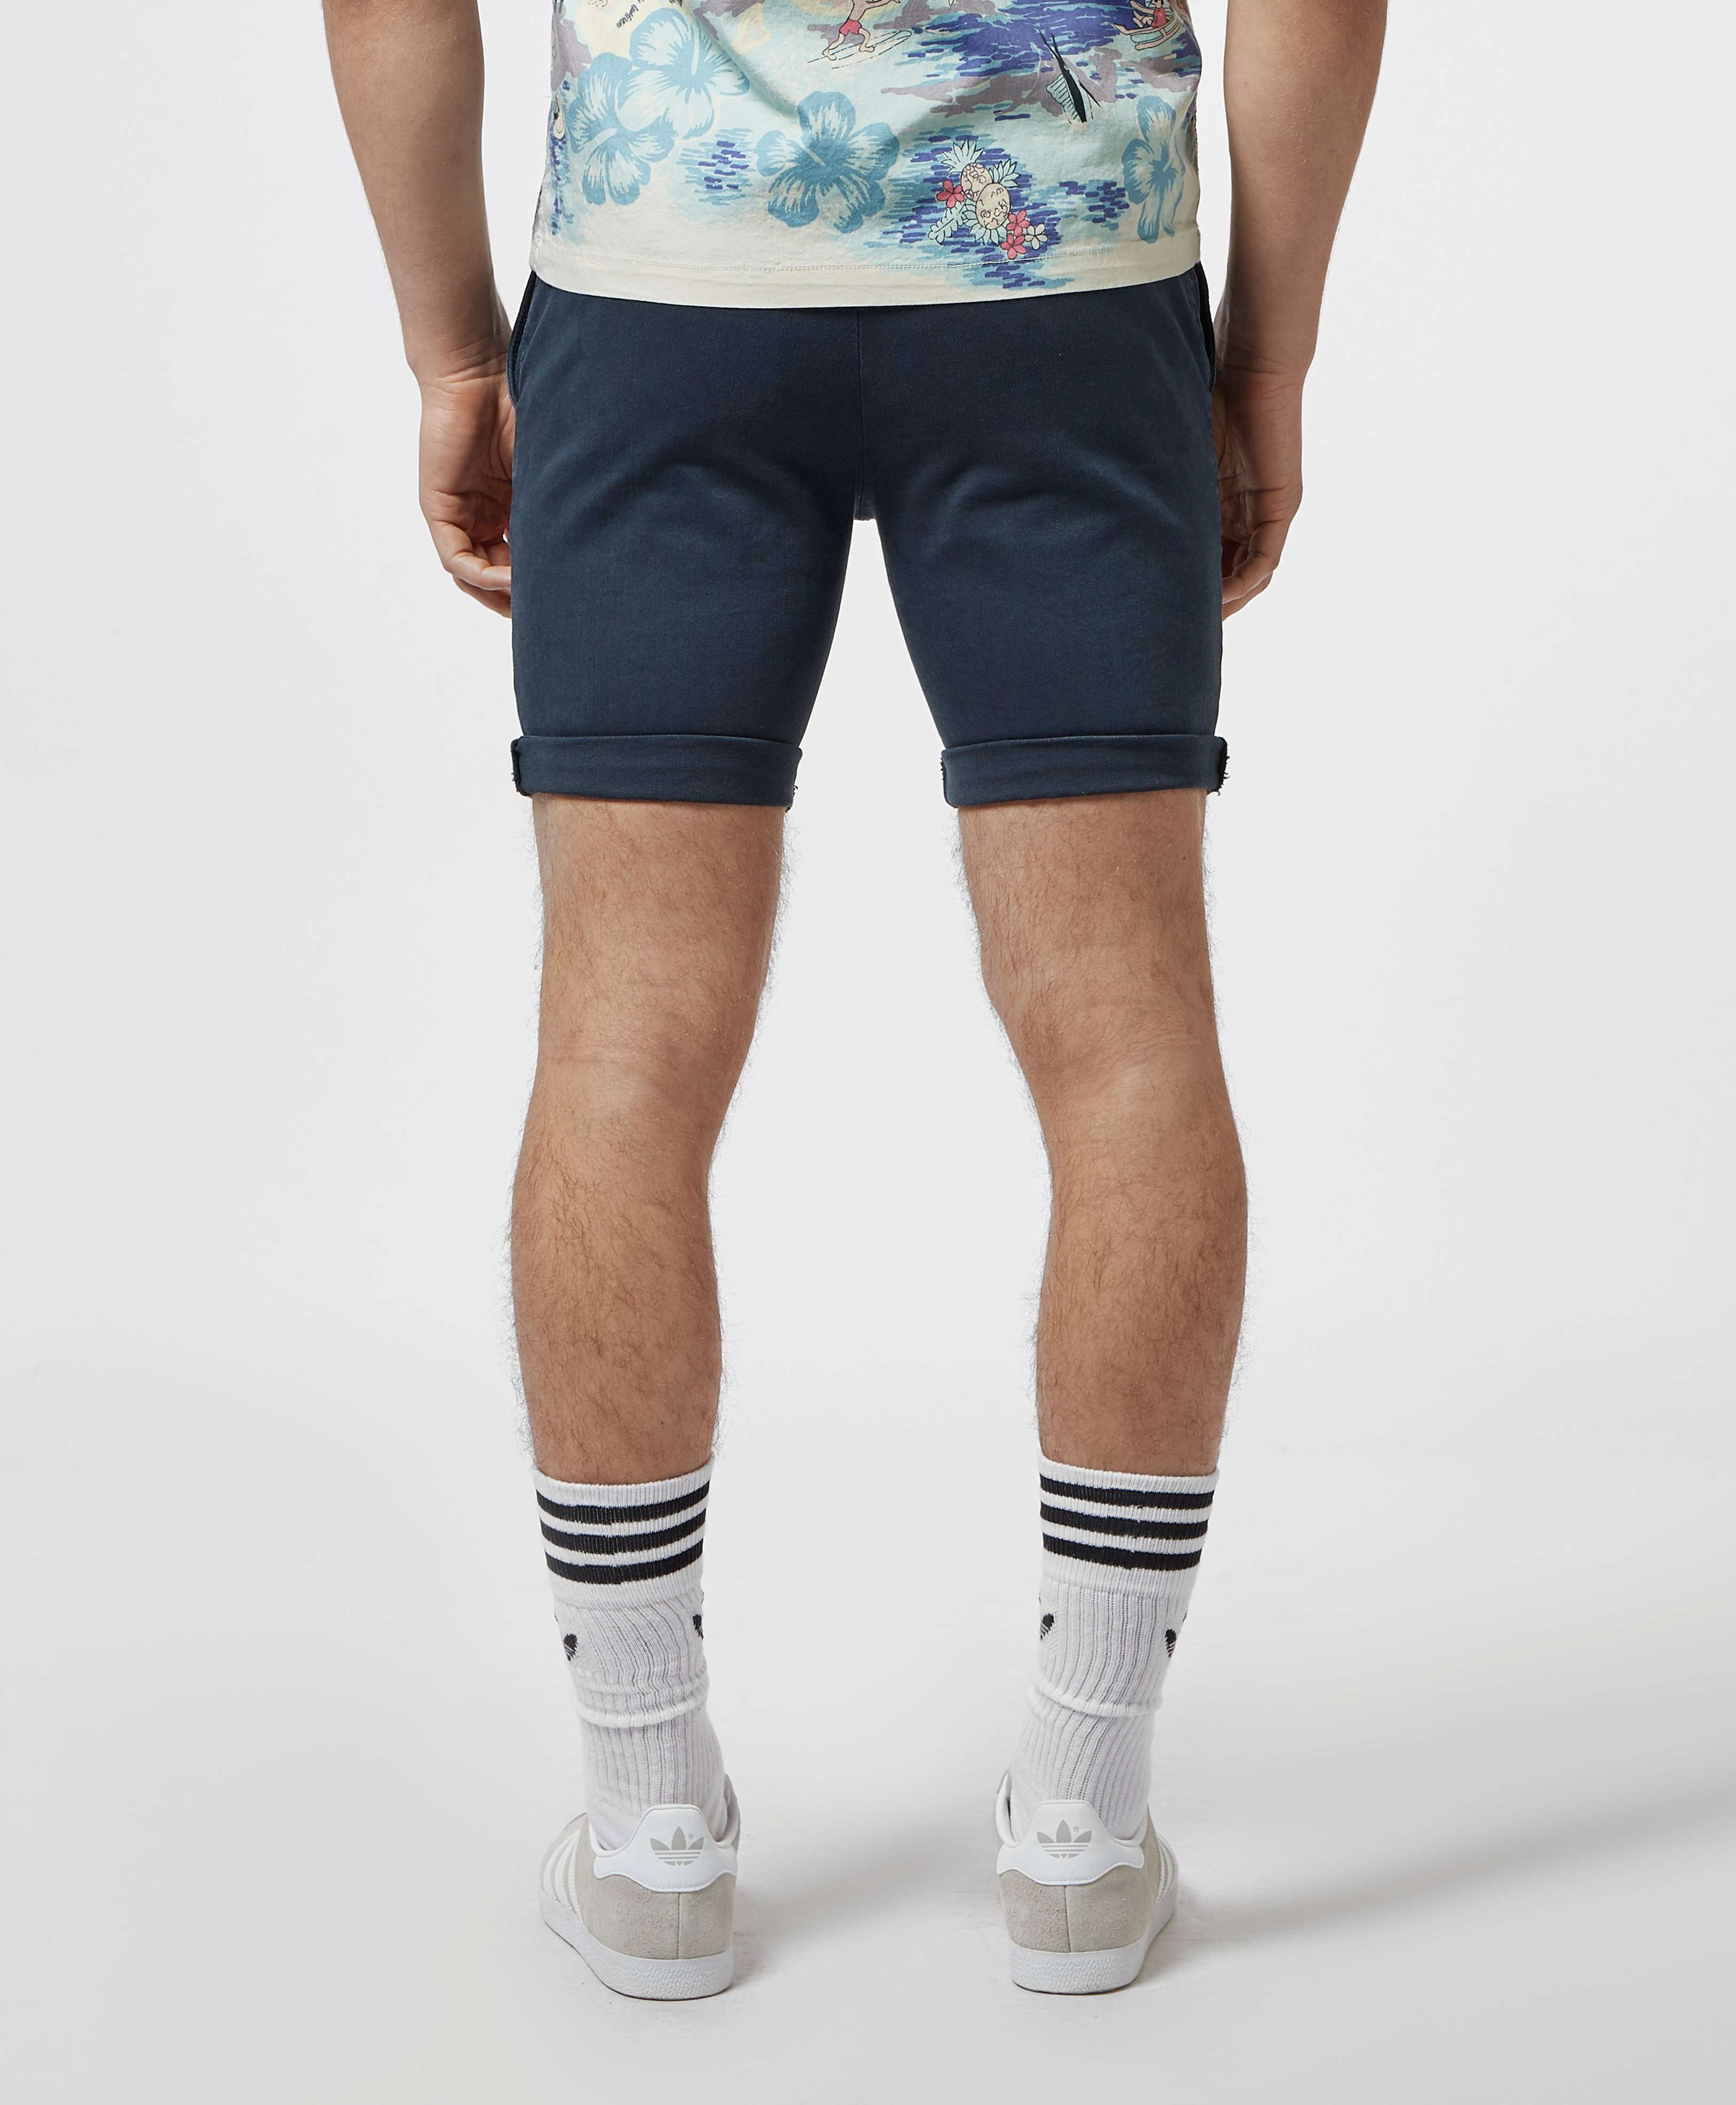 Replay Hype Chino Shorts